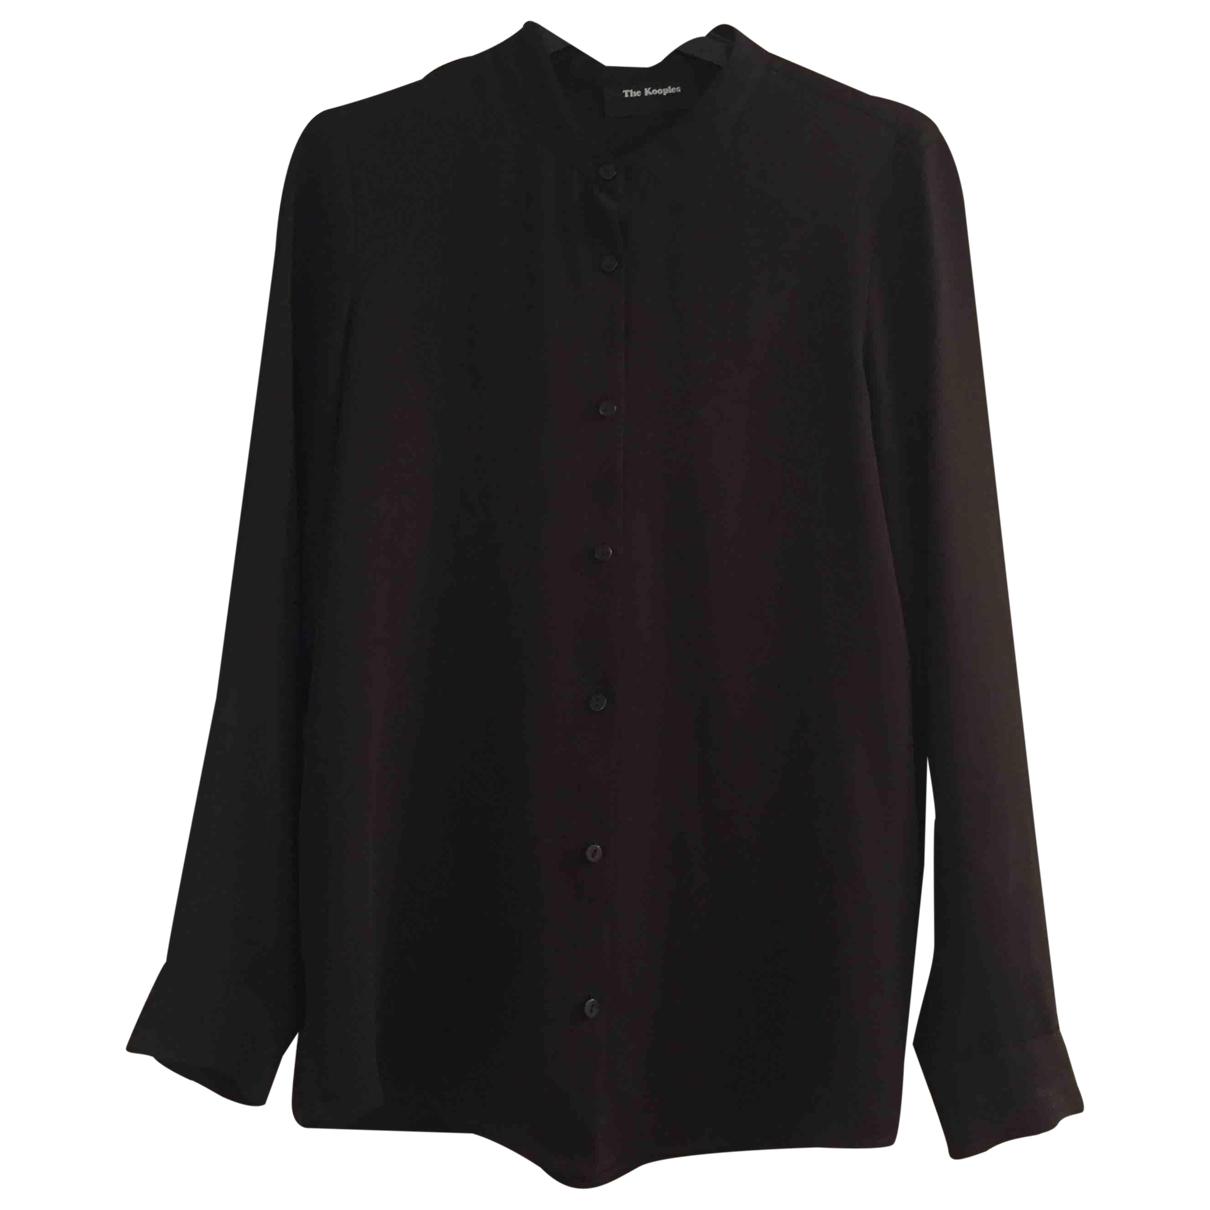 The Kooples \N Black  top for Women 34 FR